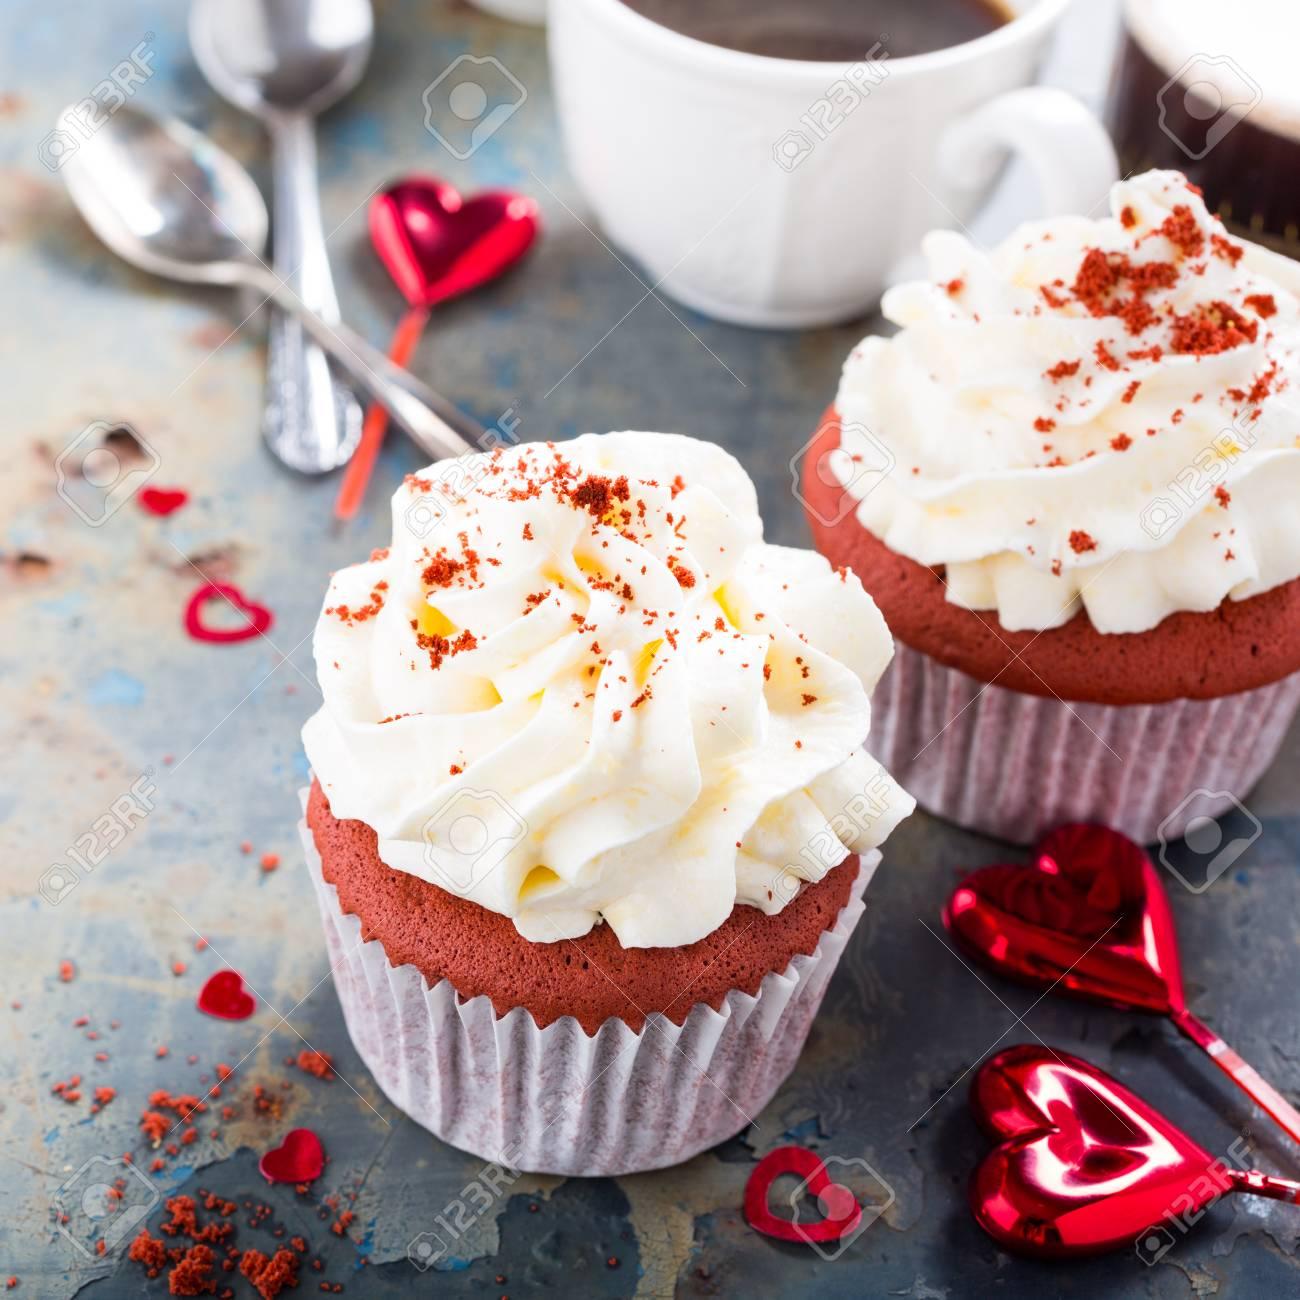 Kostliche Rote Samt Cupcakes Auf Alten Rostigen Metall Hintergrund